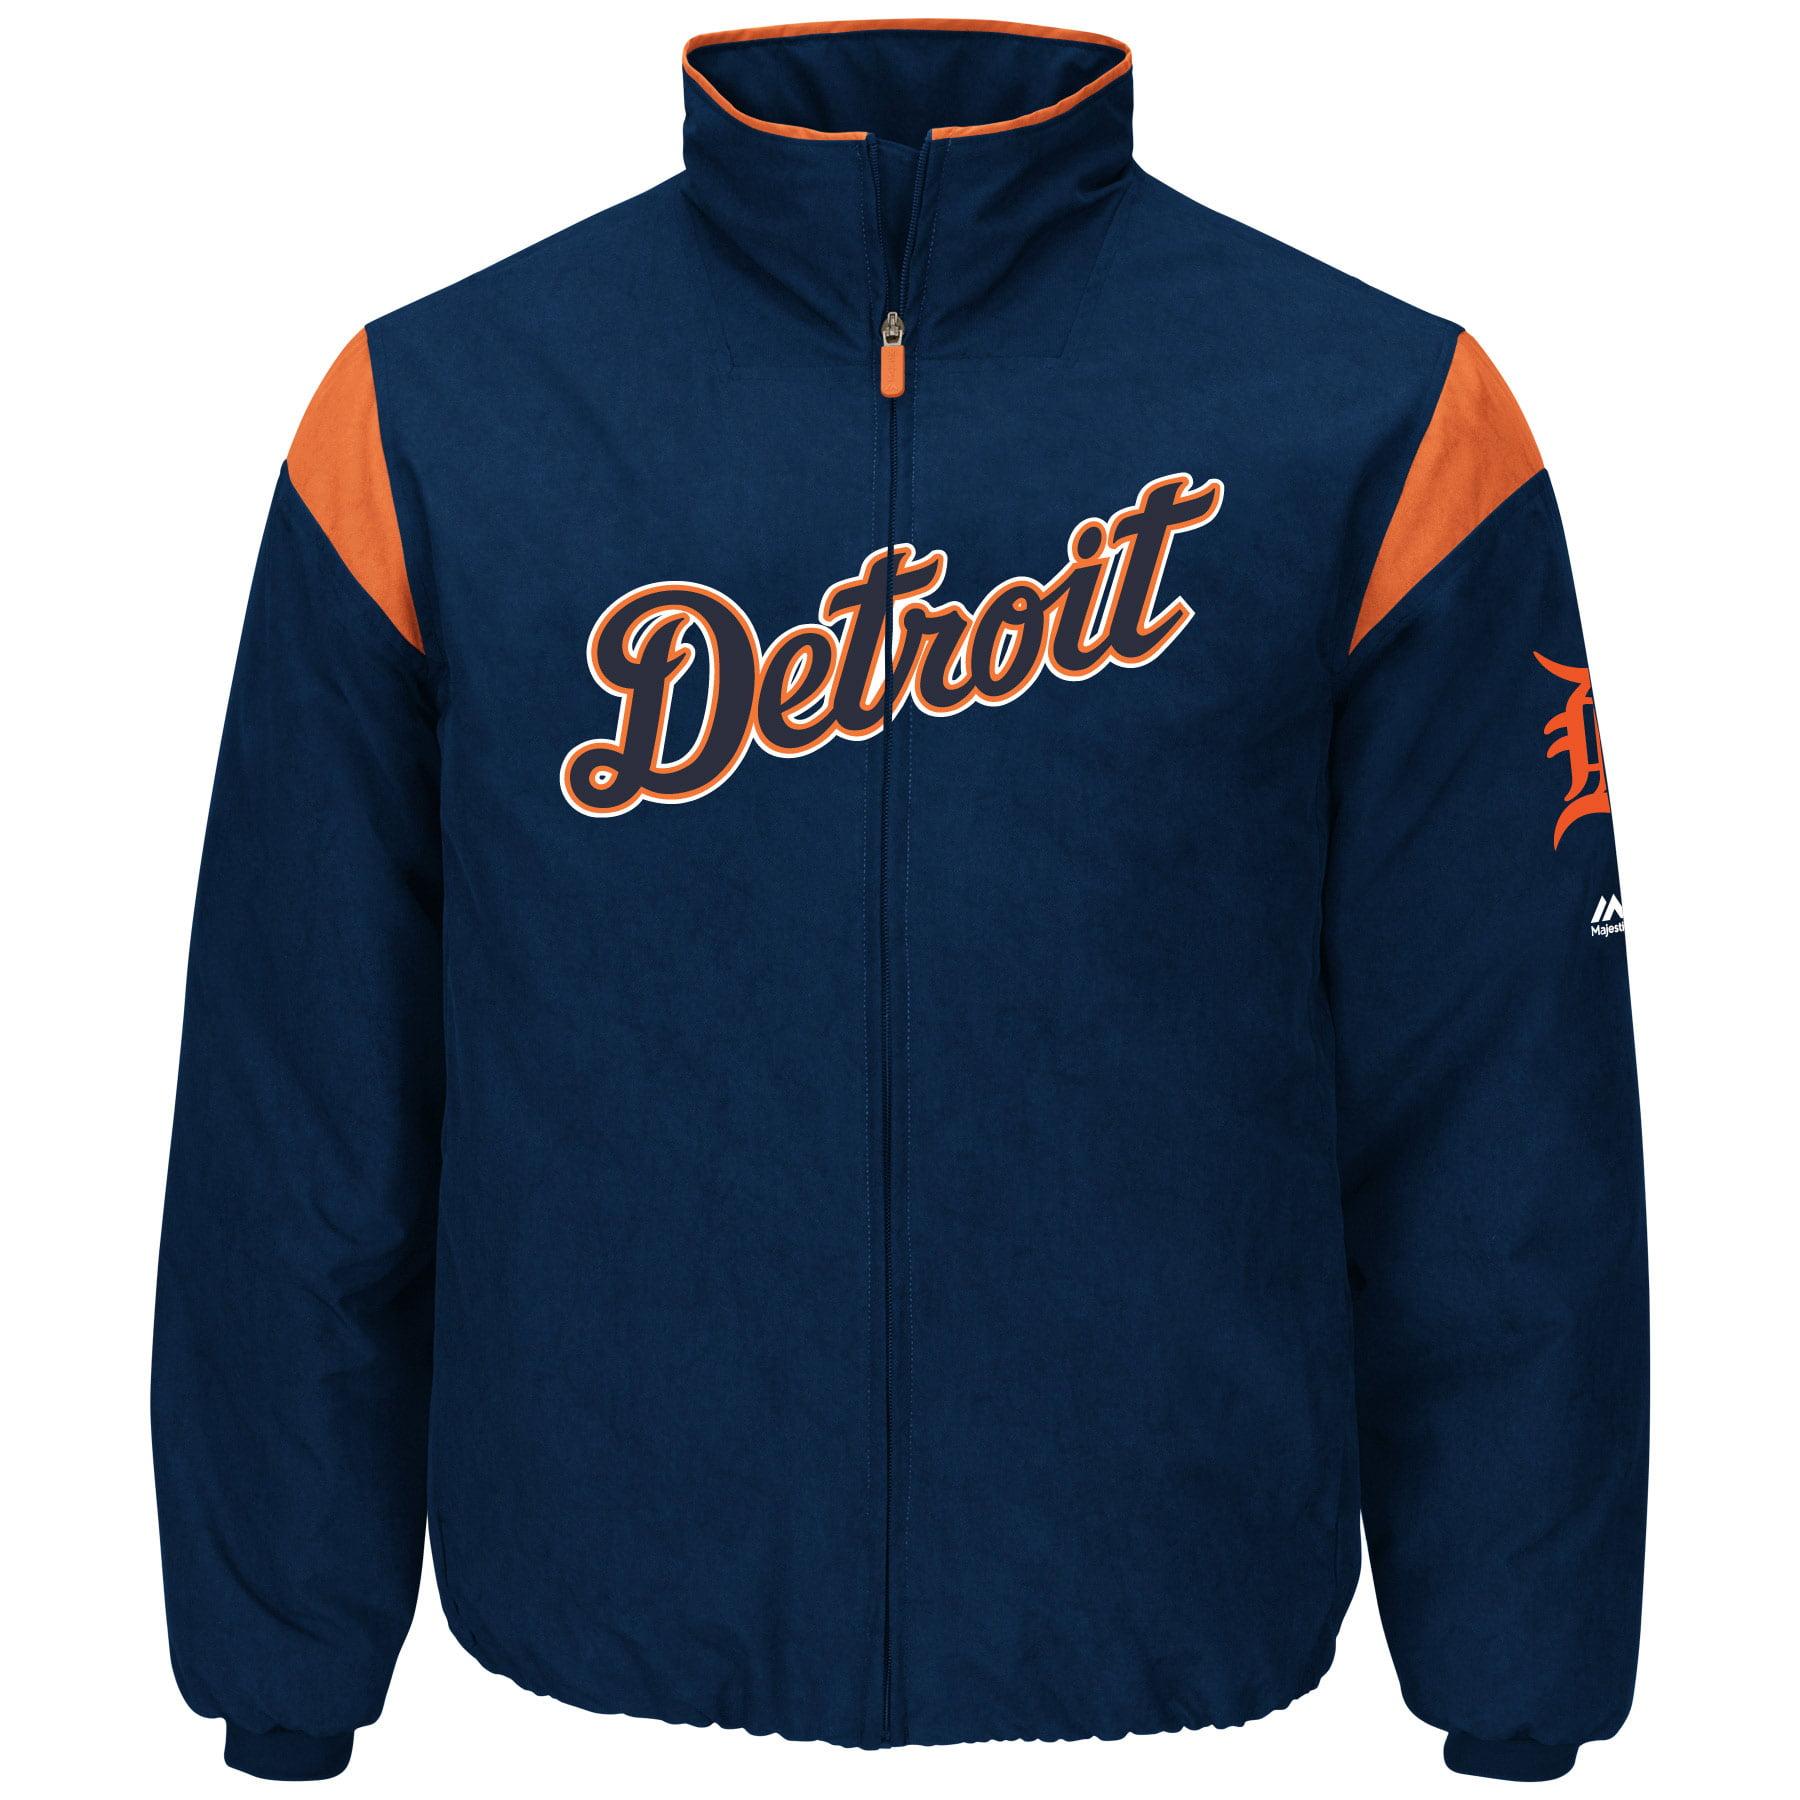 Detroit Tigers Majestic Women's On-Field Full-Zip Thermal Jacket - Navy/Orange